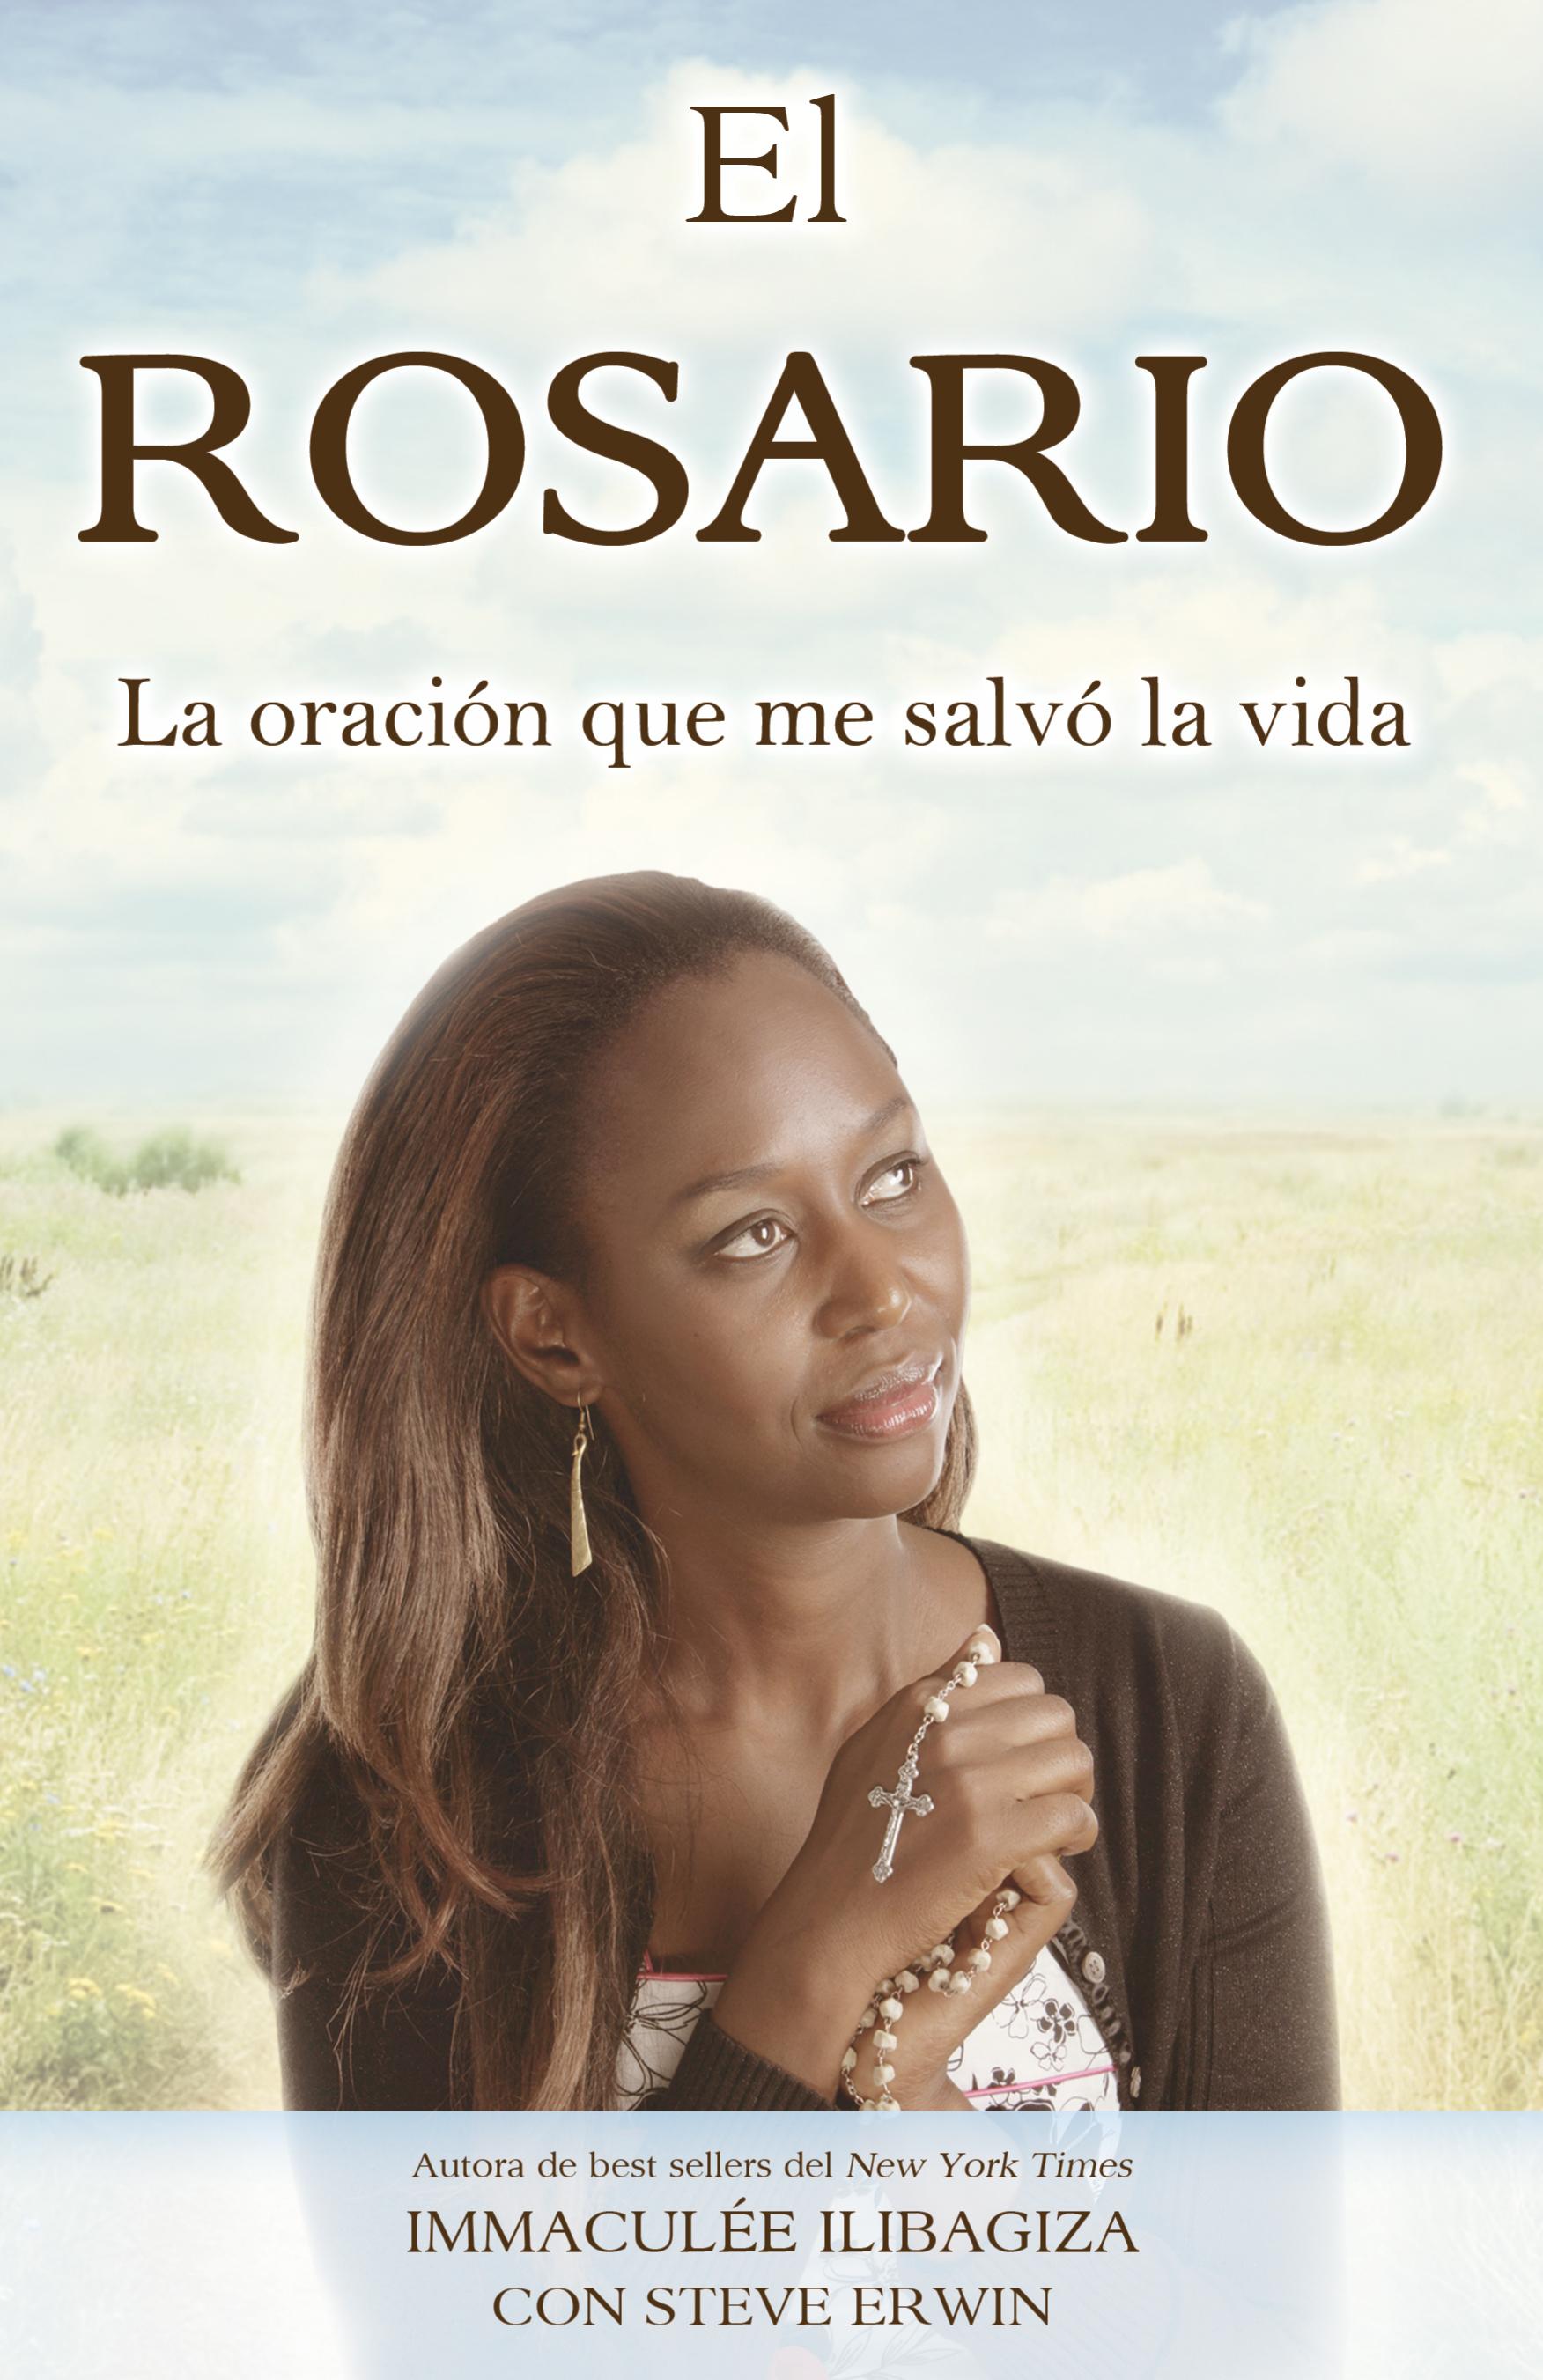 El rosario. La oración que me salvó la vida